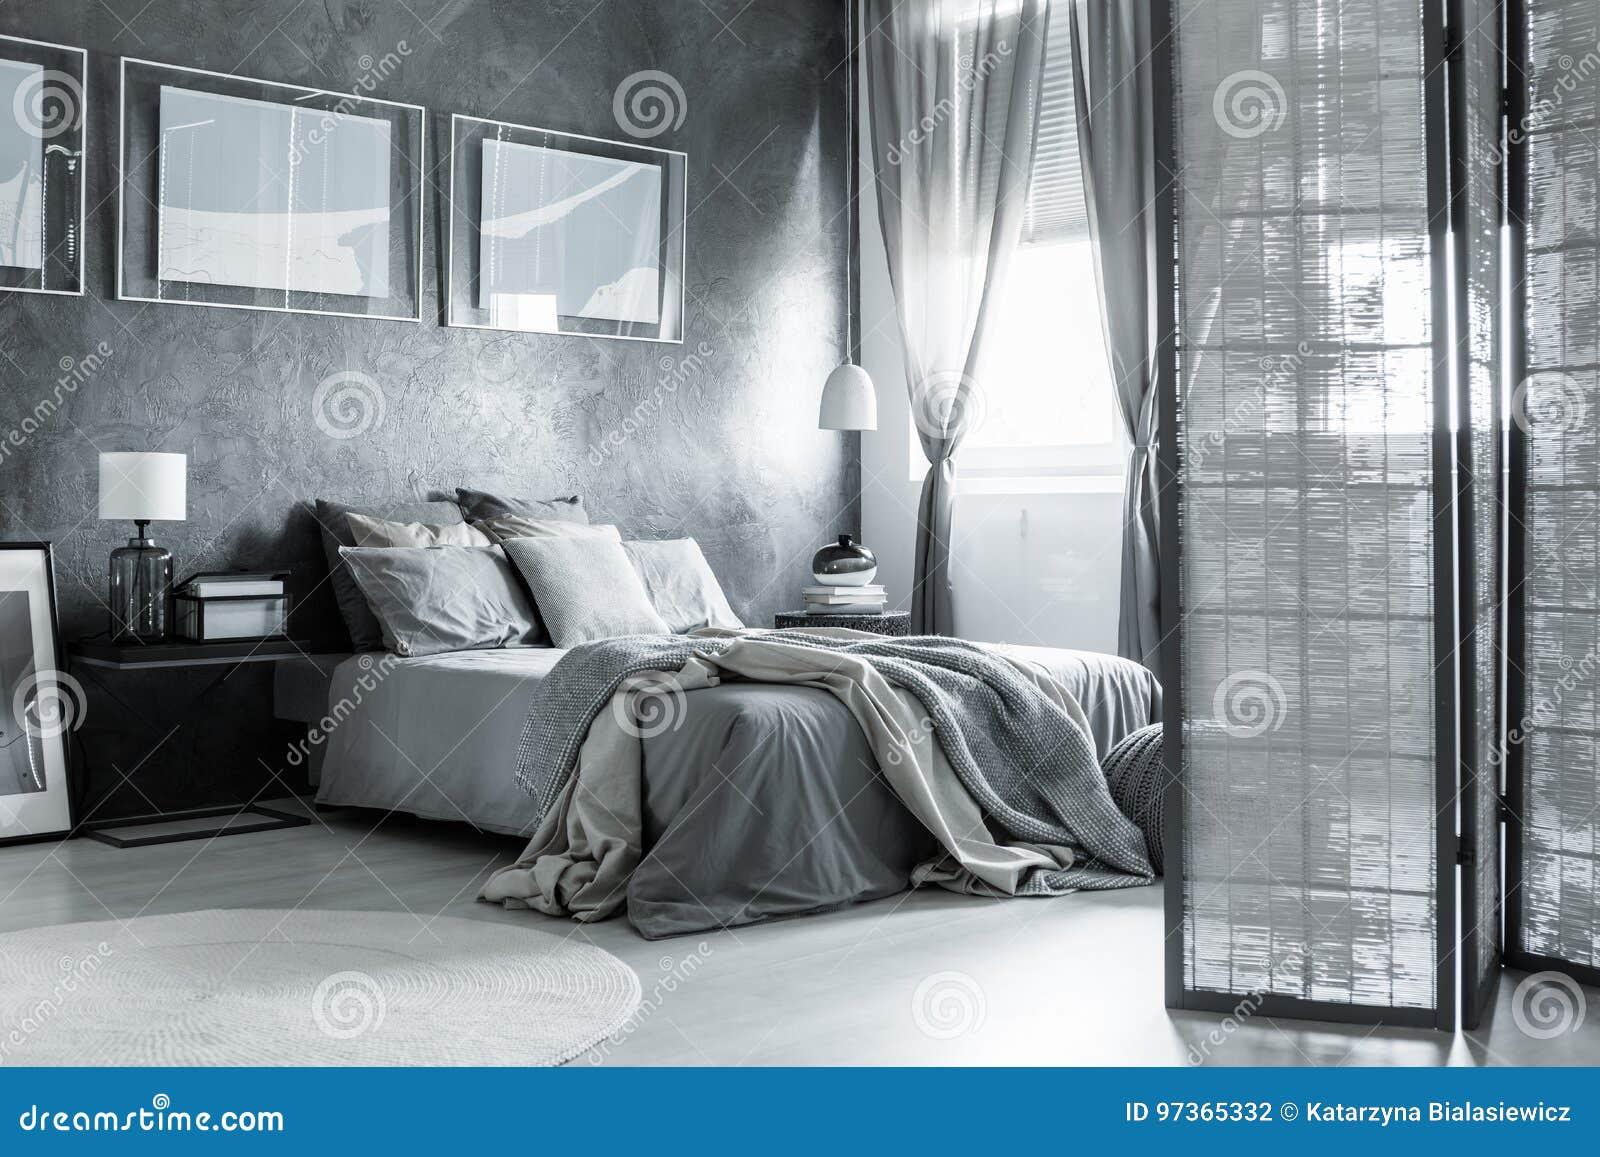 Accessori Per Camera Da Letto Bianca : Camera da letto accogliente con gli accessori semplici fotografia